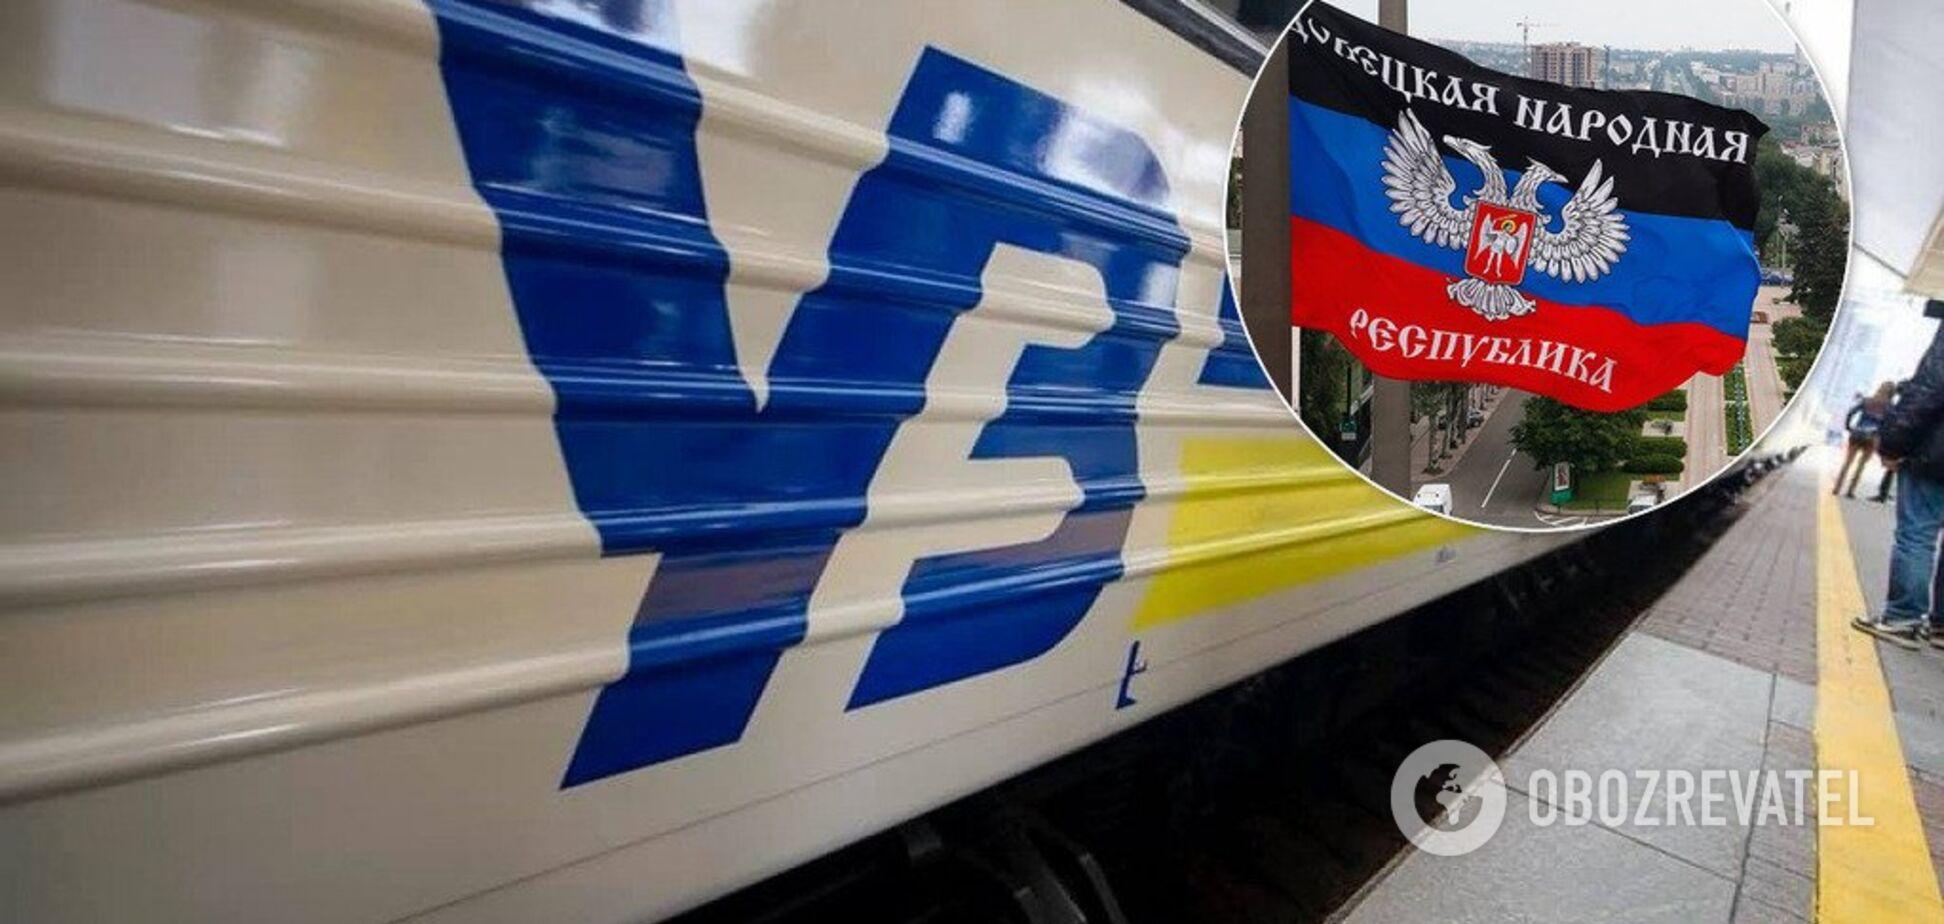 В 'Укрзалізниці' взяли на работу 'генпрокурора ДНР': подробности скандала